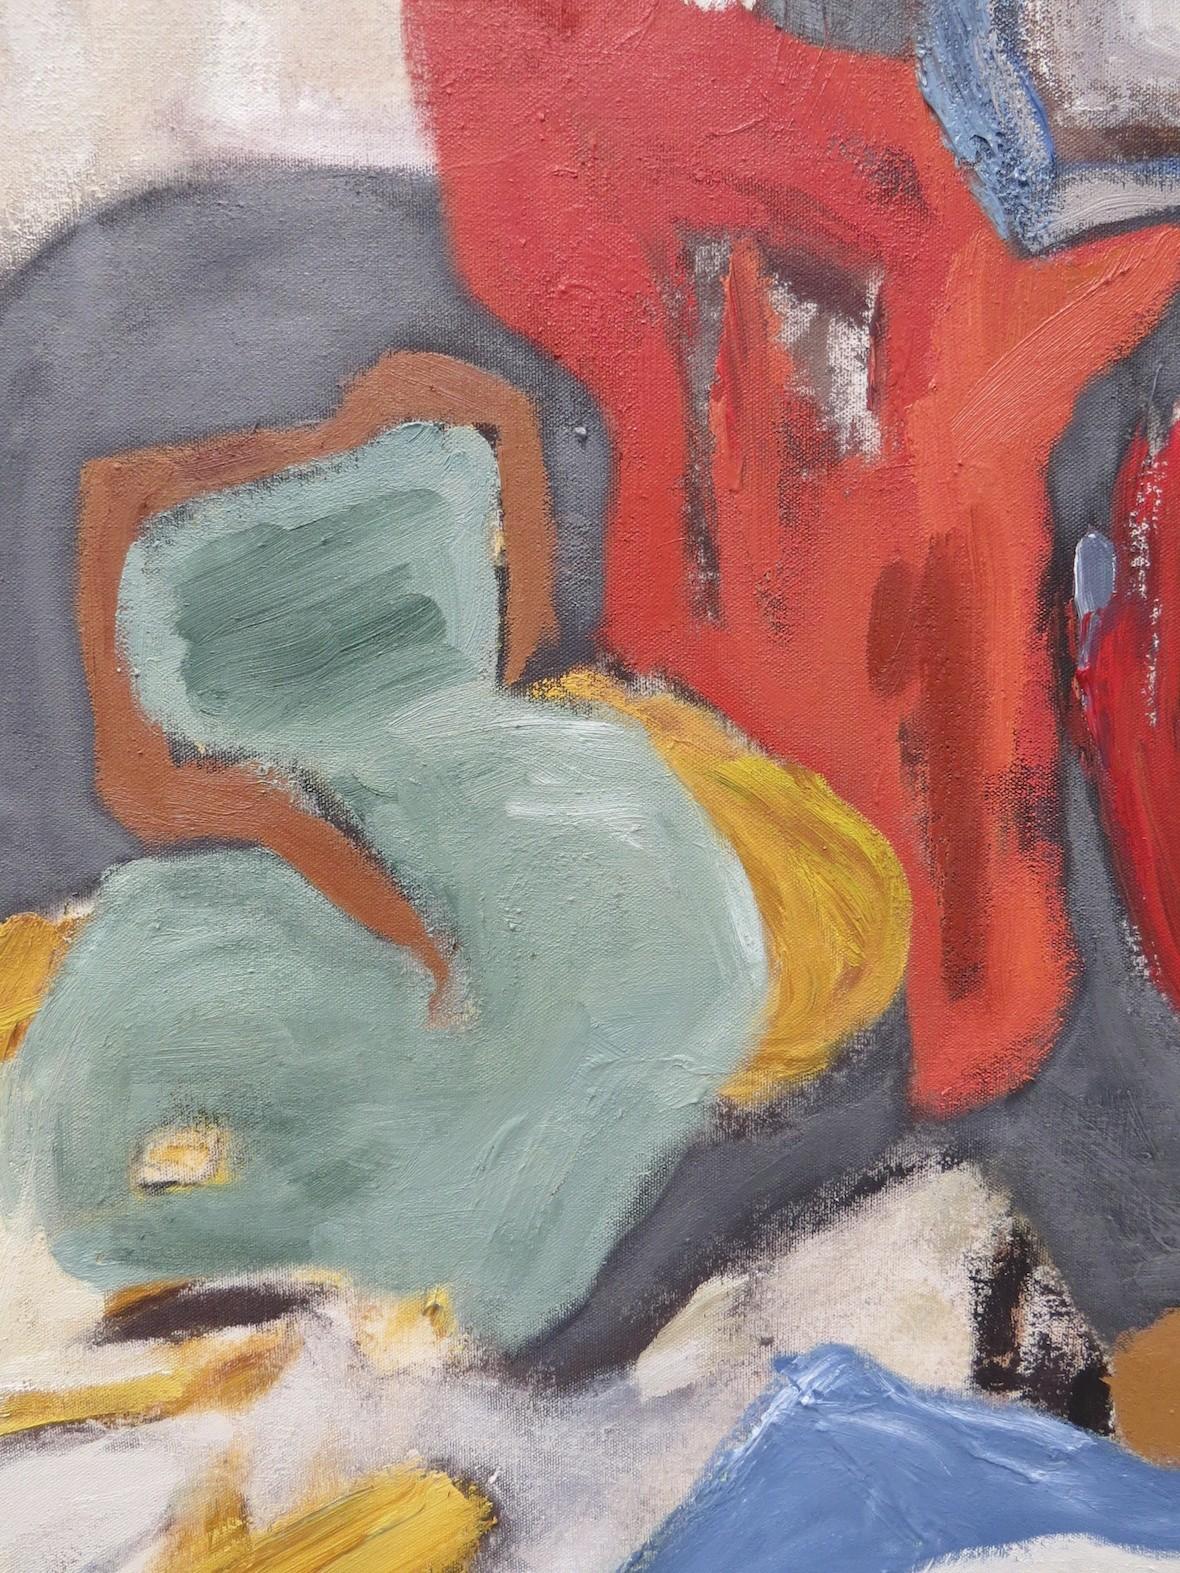 detail_oil_artist_barbra_edwards_pender_island